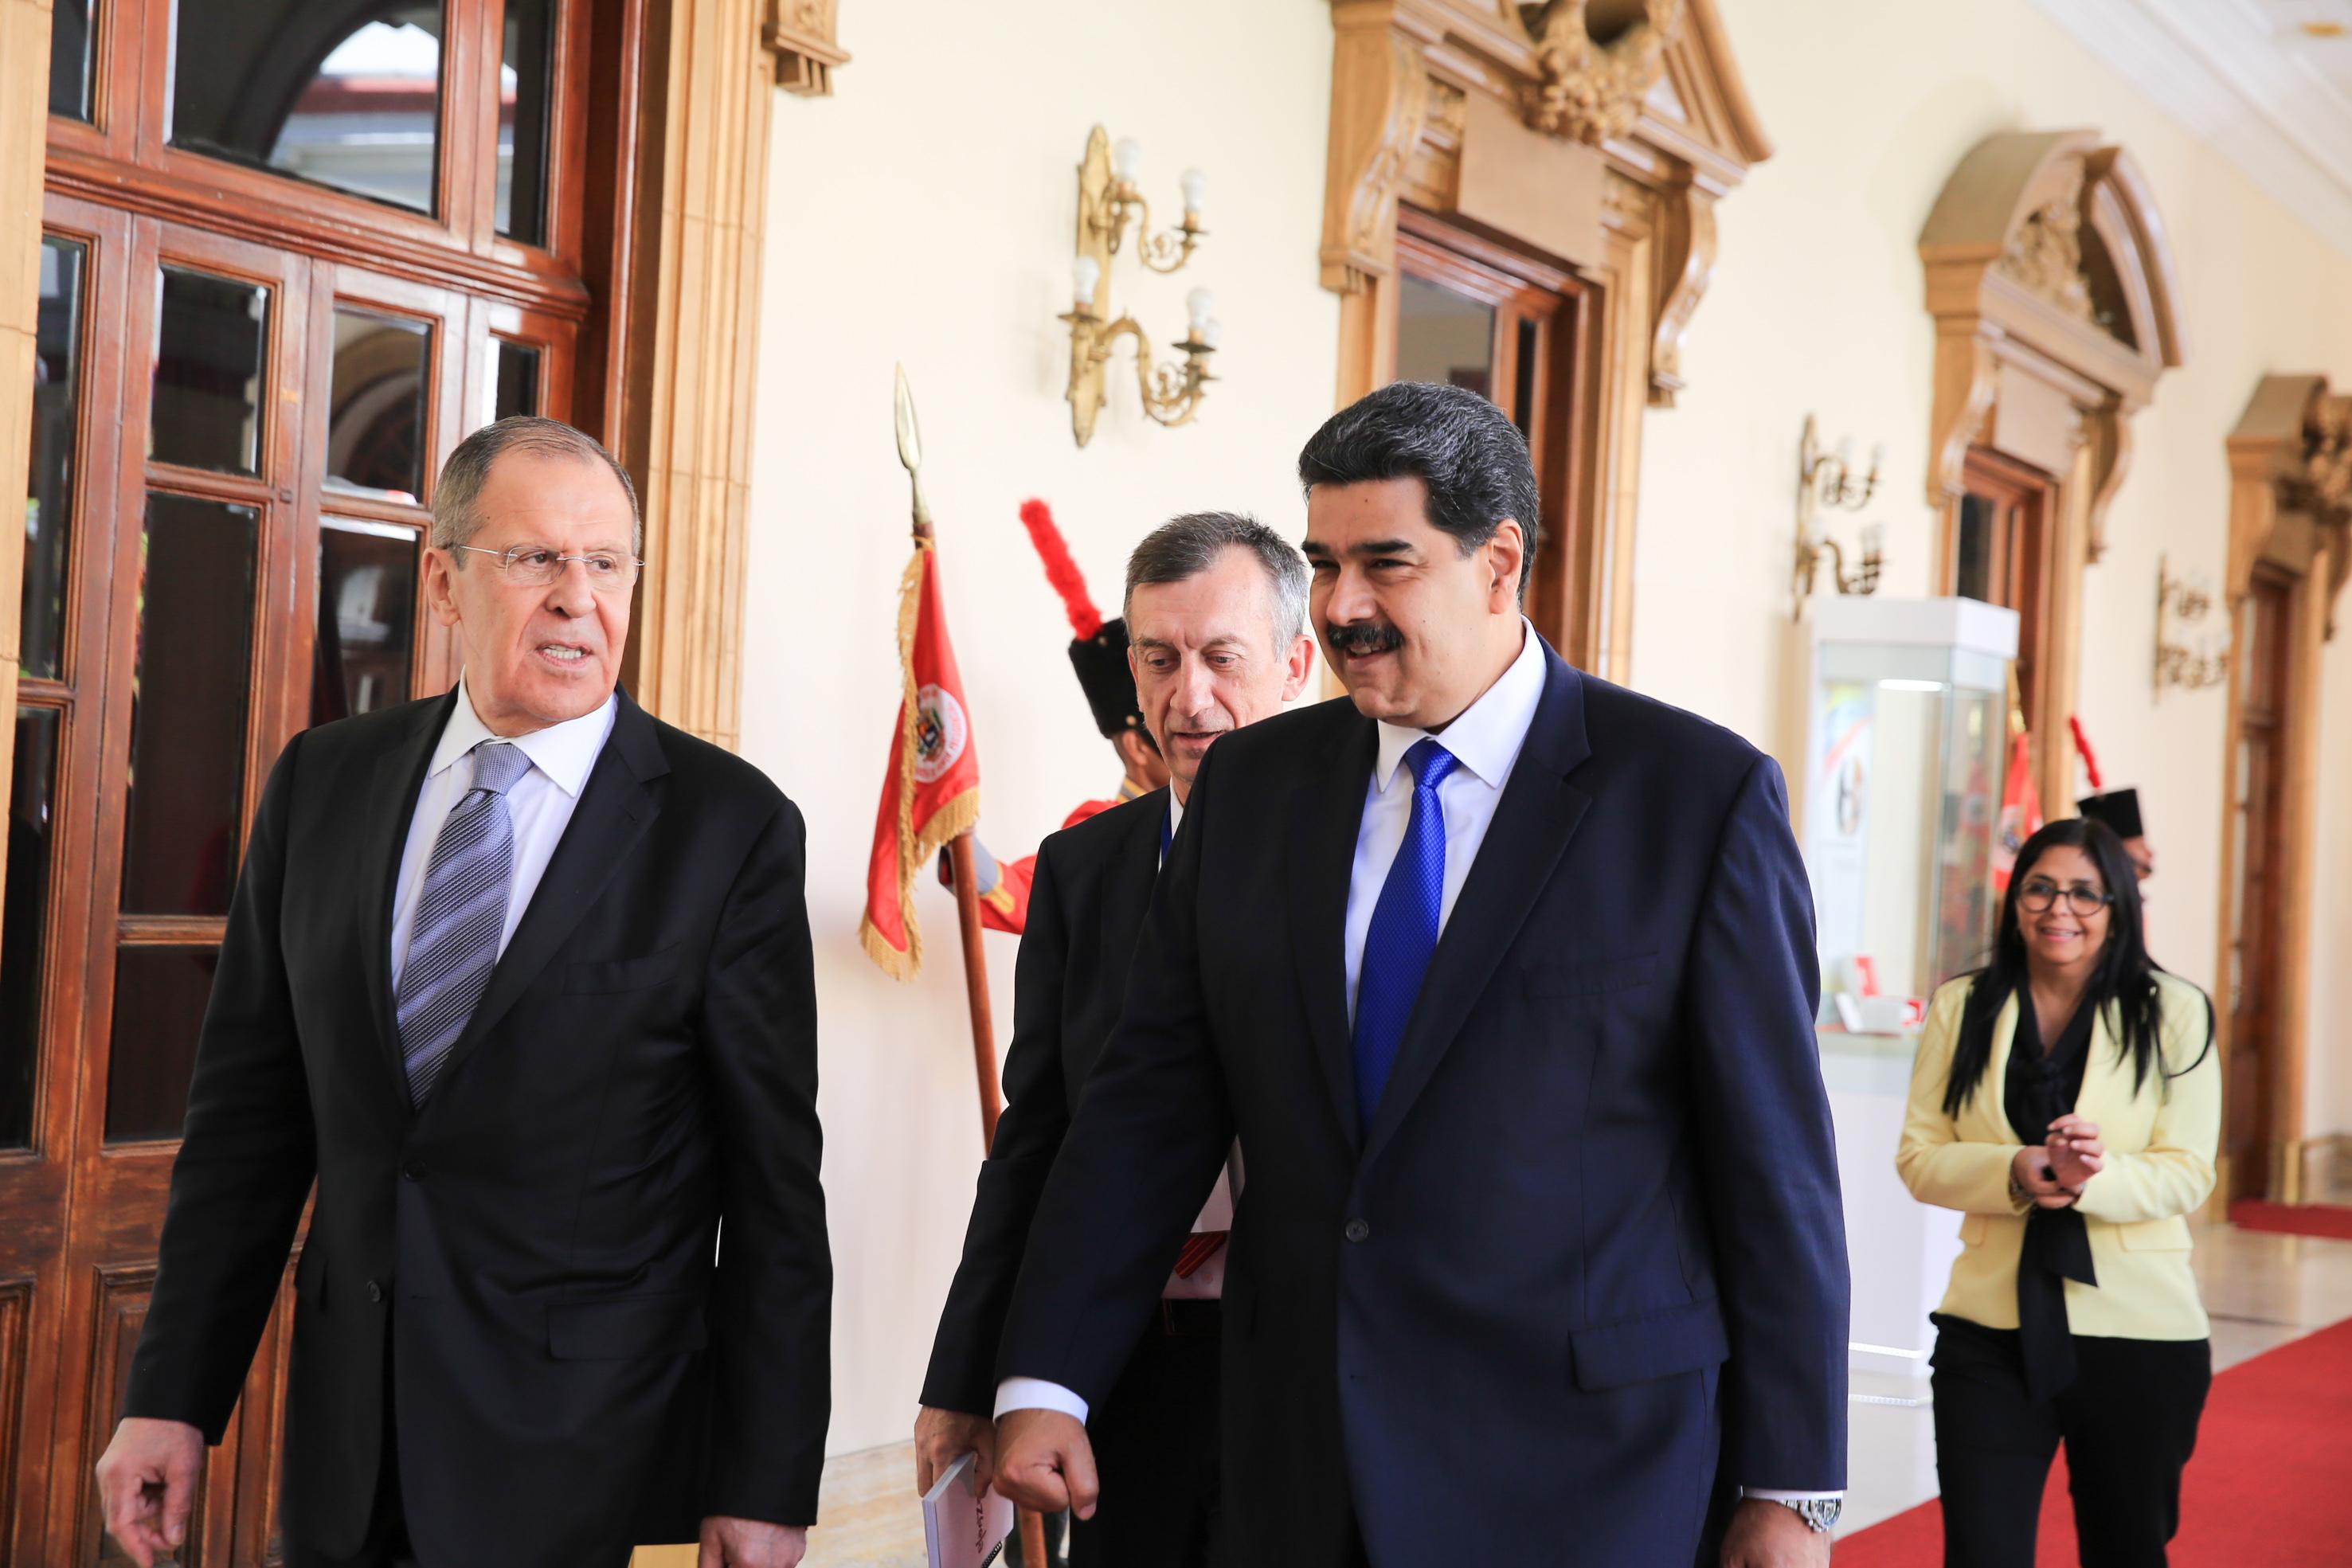 Presidente Maduro recibe al canciller de Rusia en Miraflores